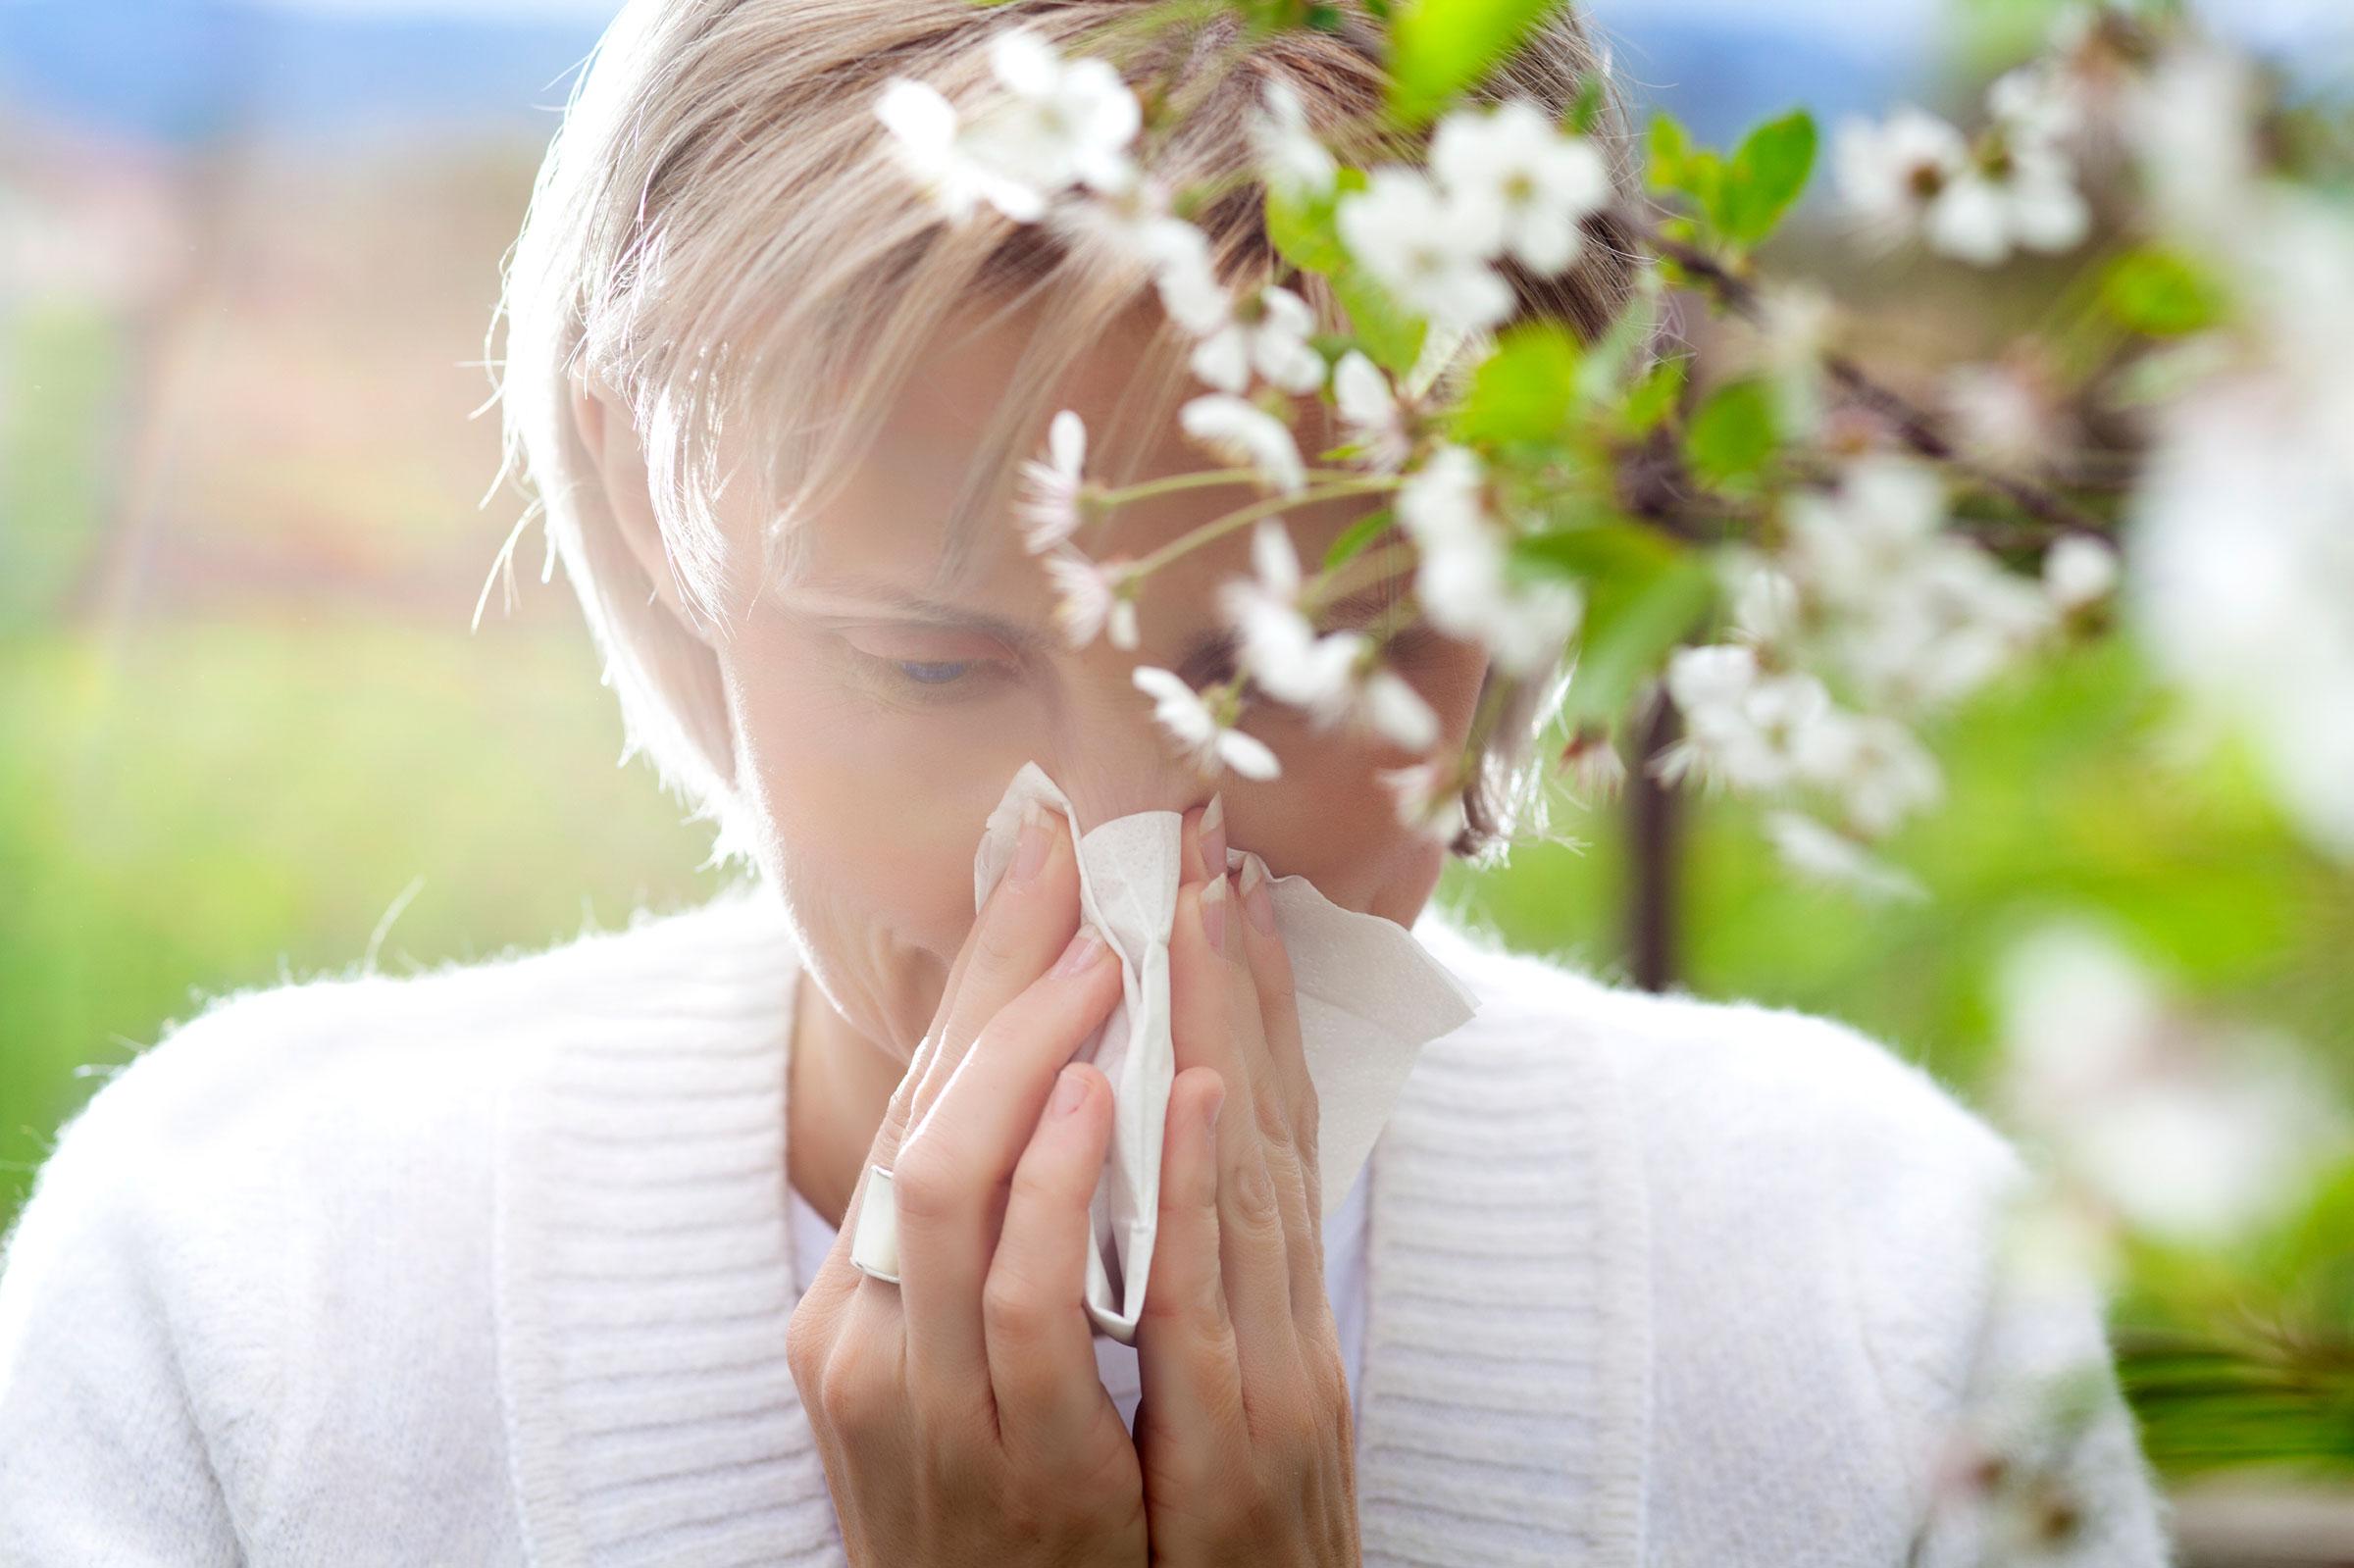 Elderflower-tea-to-treat-red-eyes-caused-by-allergies